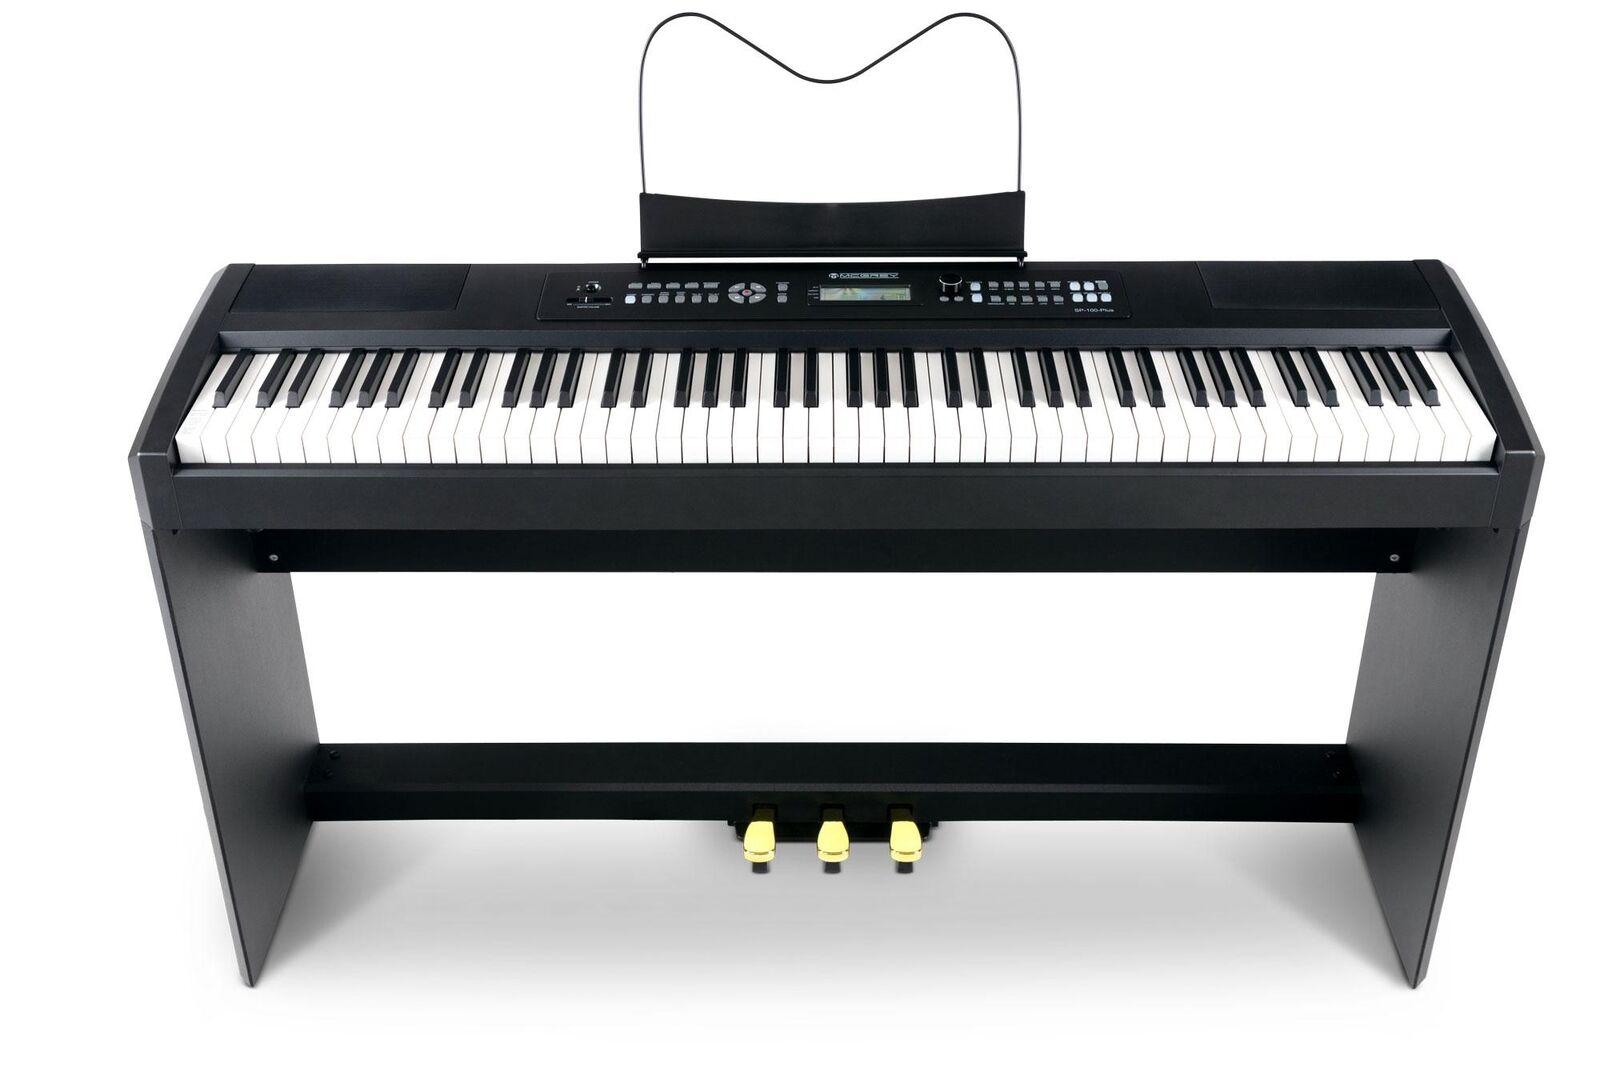 Starkes Compact Piano mit 88 Hammer-Tasten Anschlagdynamik & passendem Unterbau